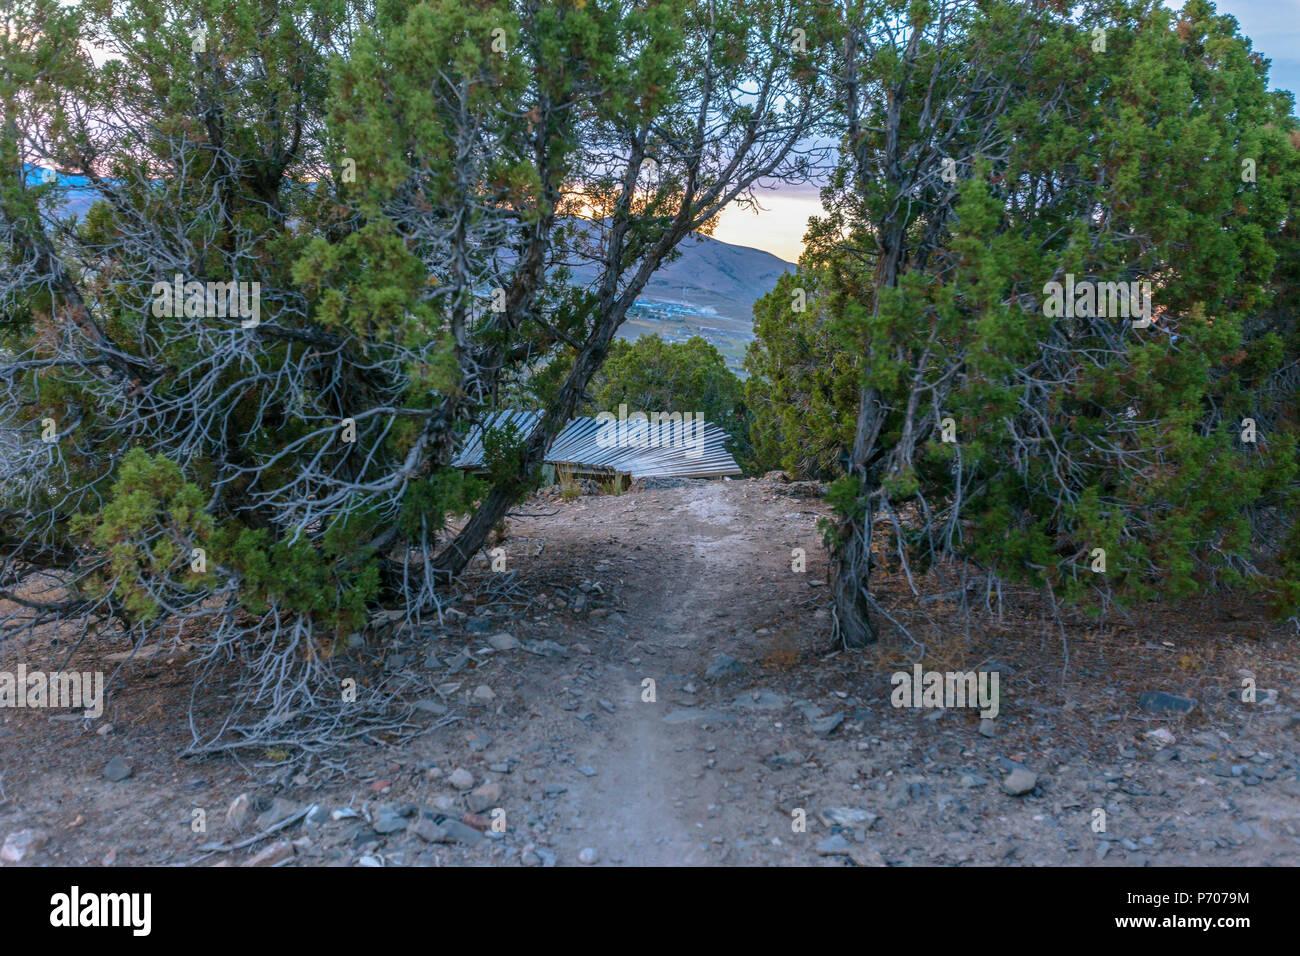 Sentier menant à fonction d'essais cliniques sur la randonnée Photo Stock